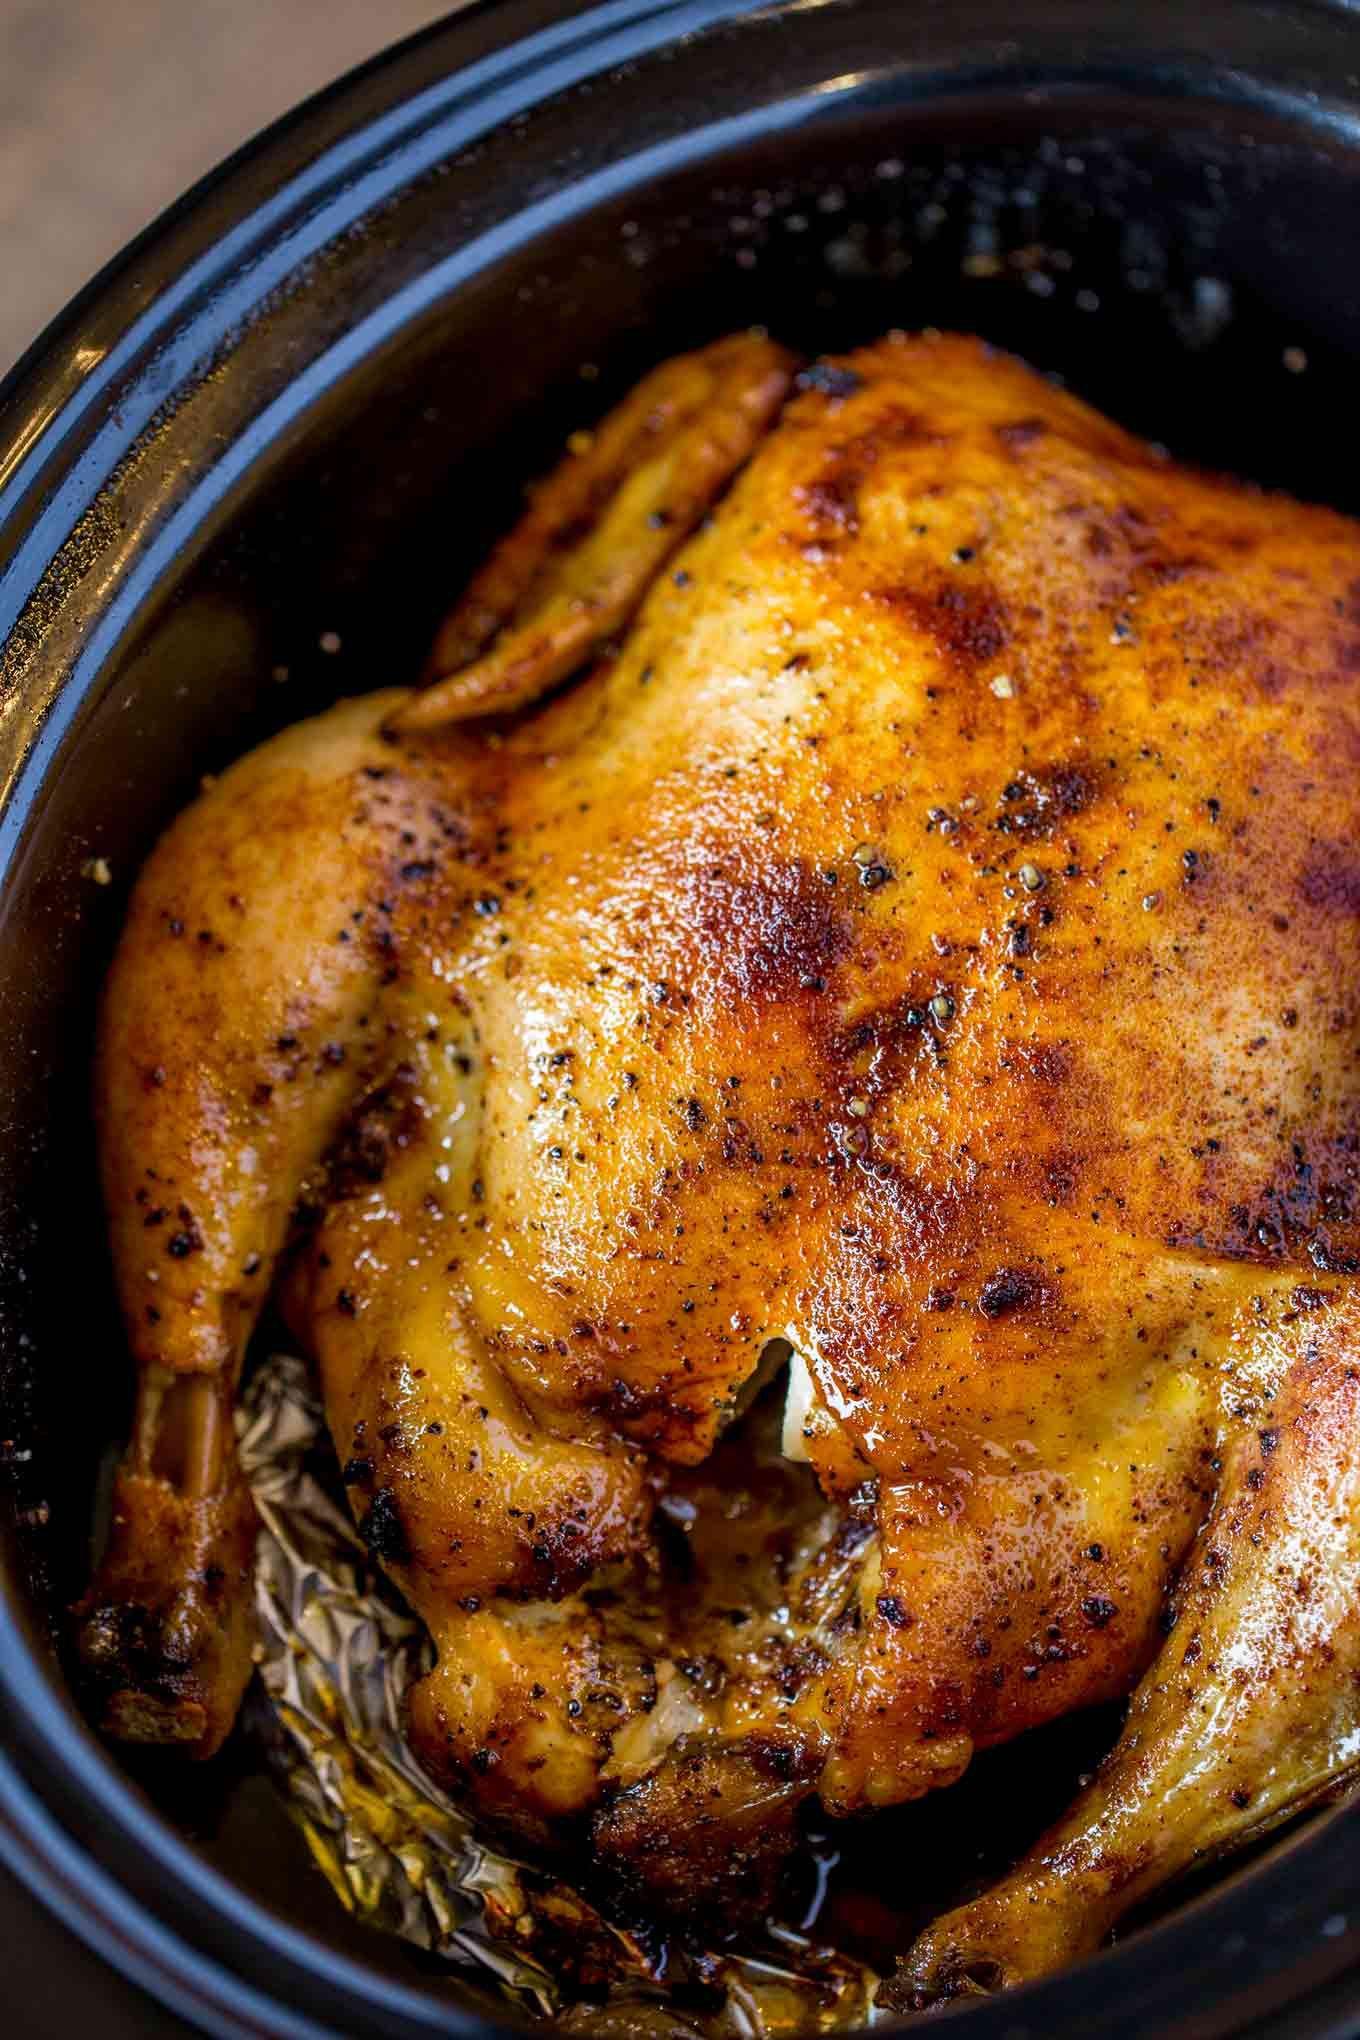 содержится целиковая курица в мультиварке рецепты с фото его, врач